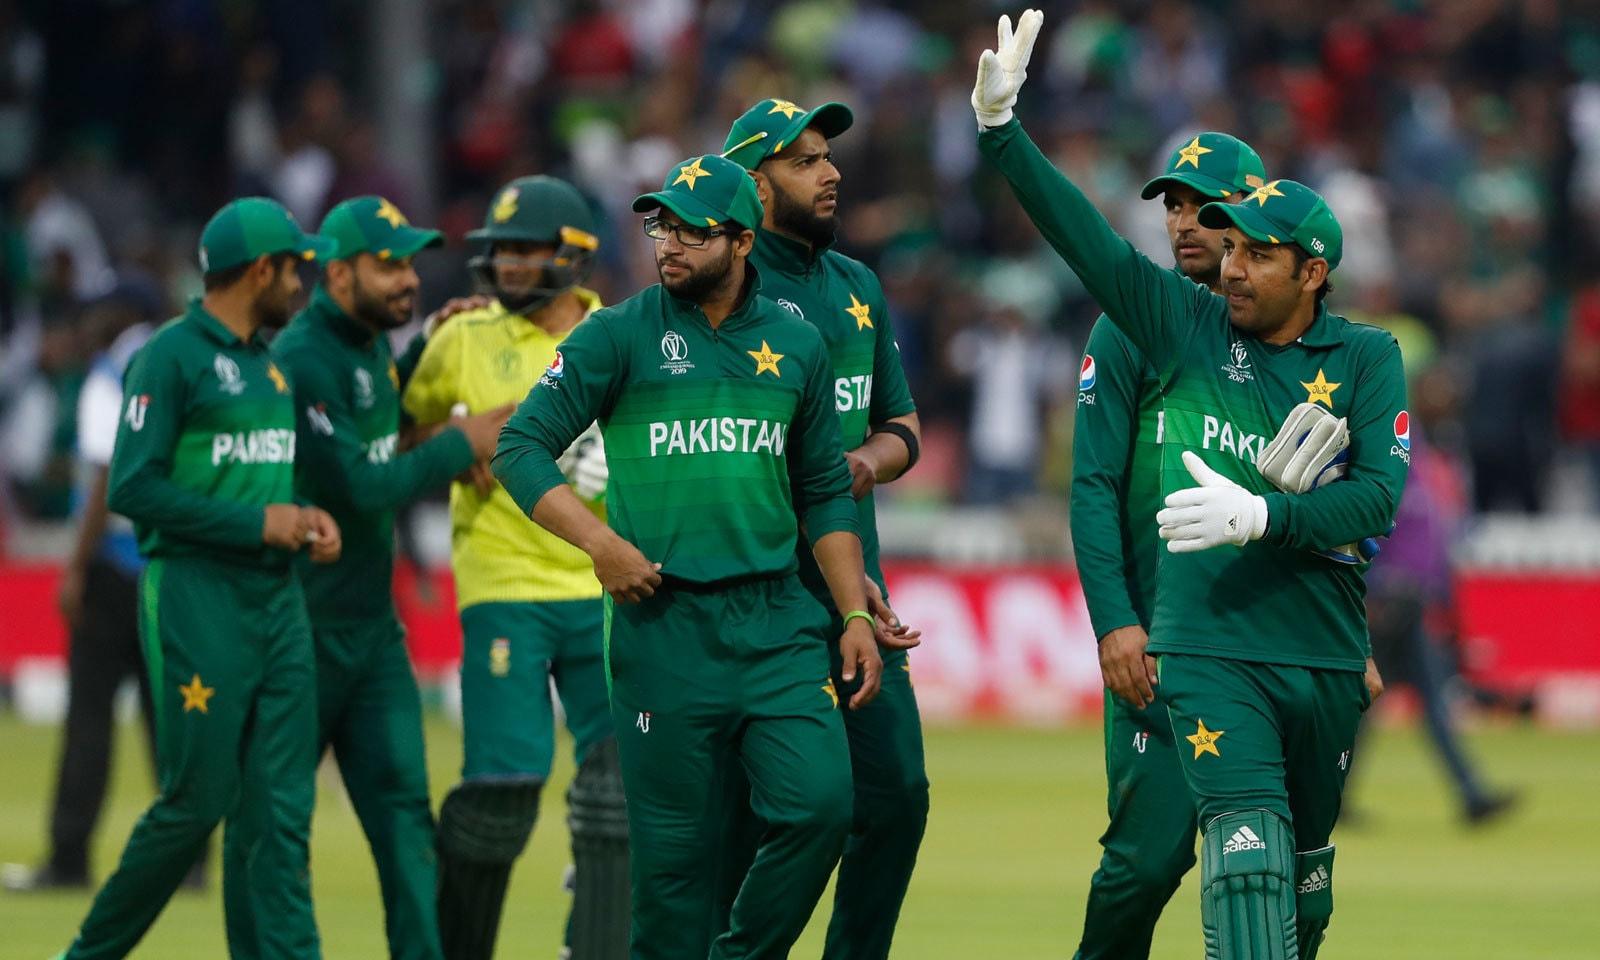 میچ میں فتح کے بعد پاکستان کے کپتان سرفراز احمد اسٹیڈیم میں آنے والے شائقین کا شکریہ ادا کر رہے ہیں— فوٹو: اے پی